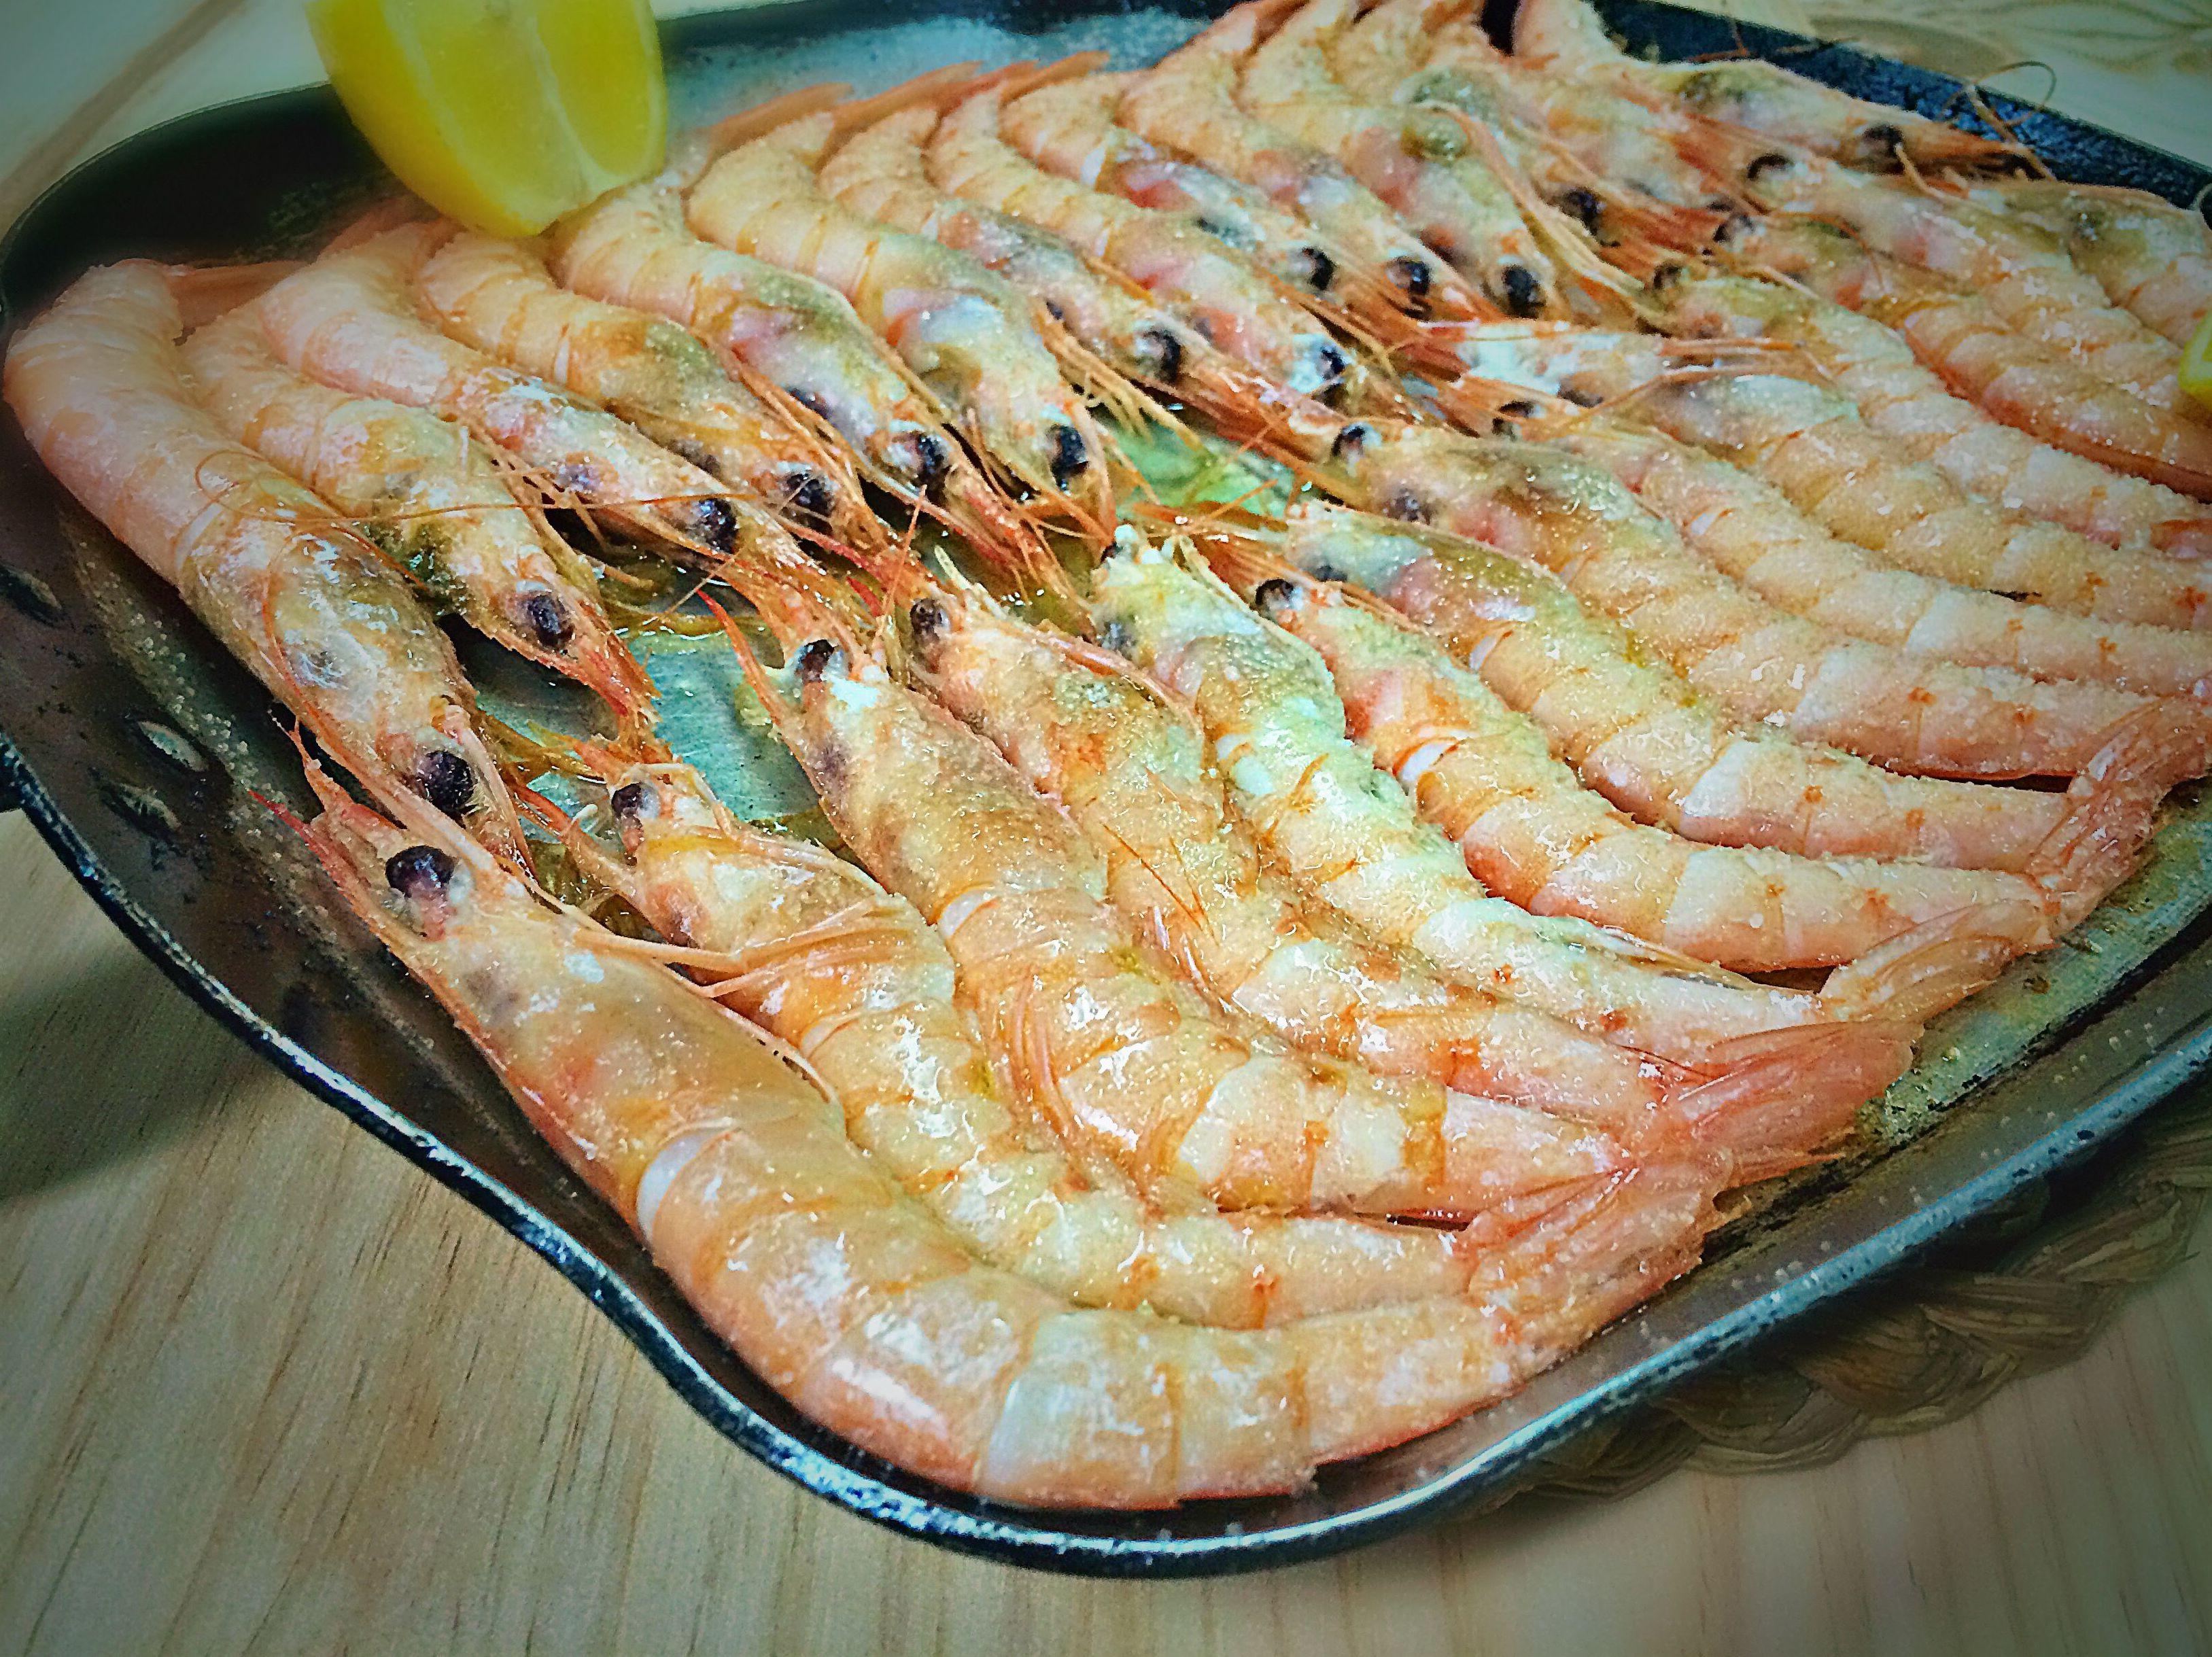 Foto 16 de Cocina gallega en Madrid | Restaurante Rías Bajas Clara del Rey